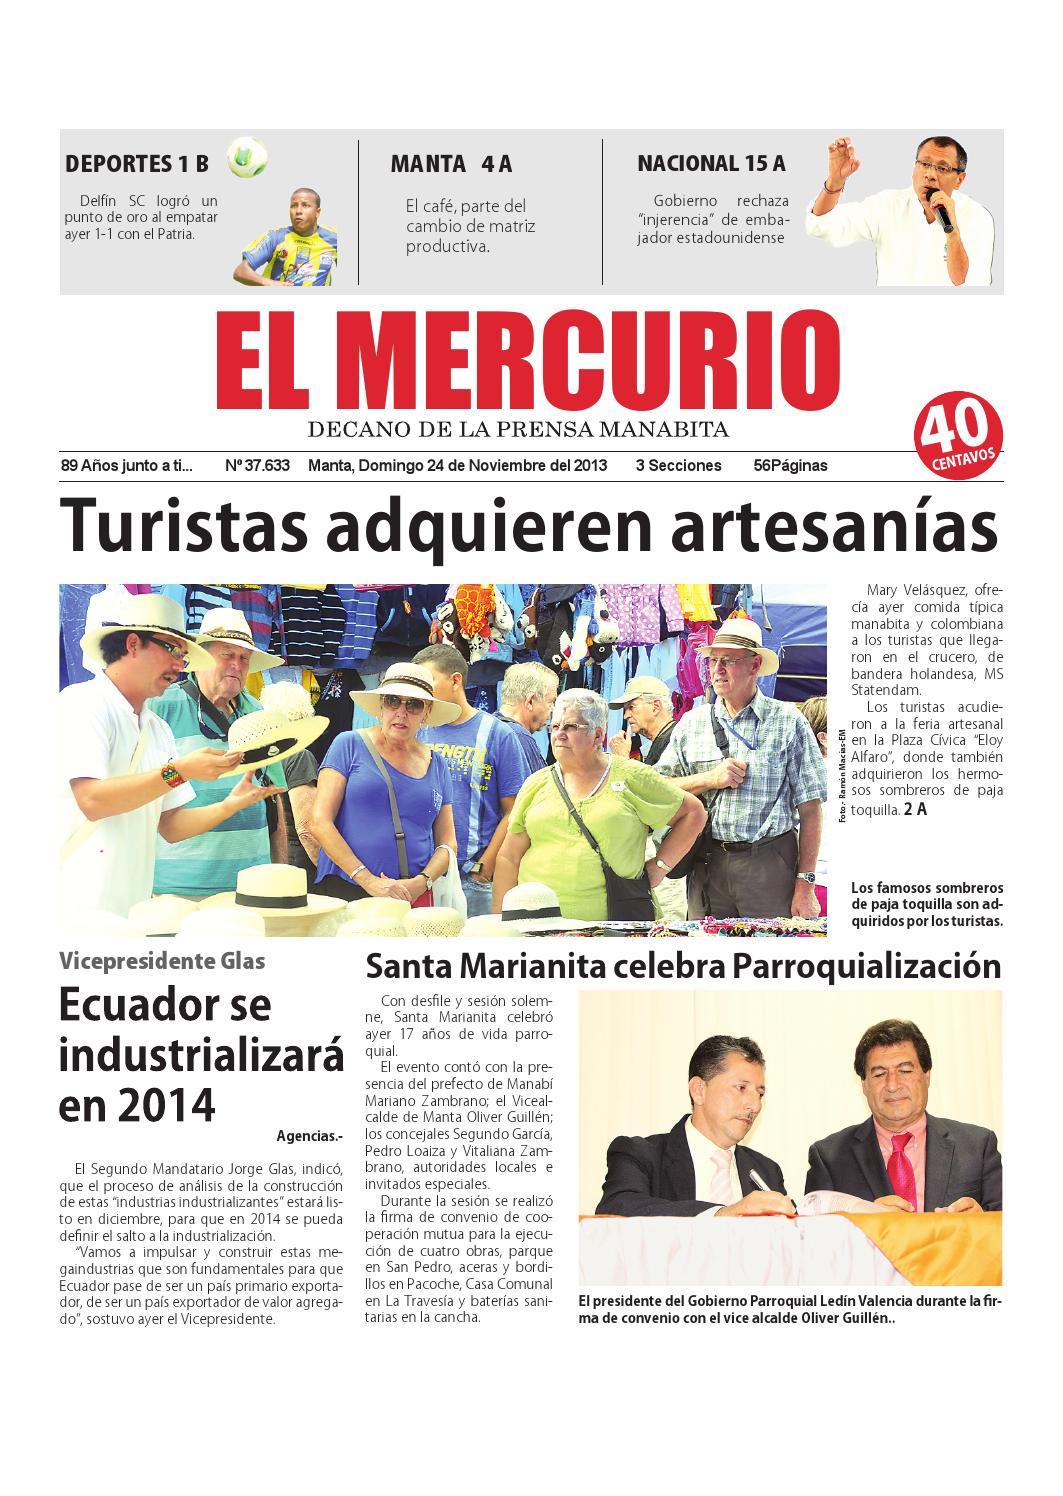 Mercurio domingo 24 de noviembre del 2013 by Diario El mercurio - issuu